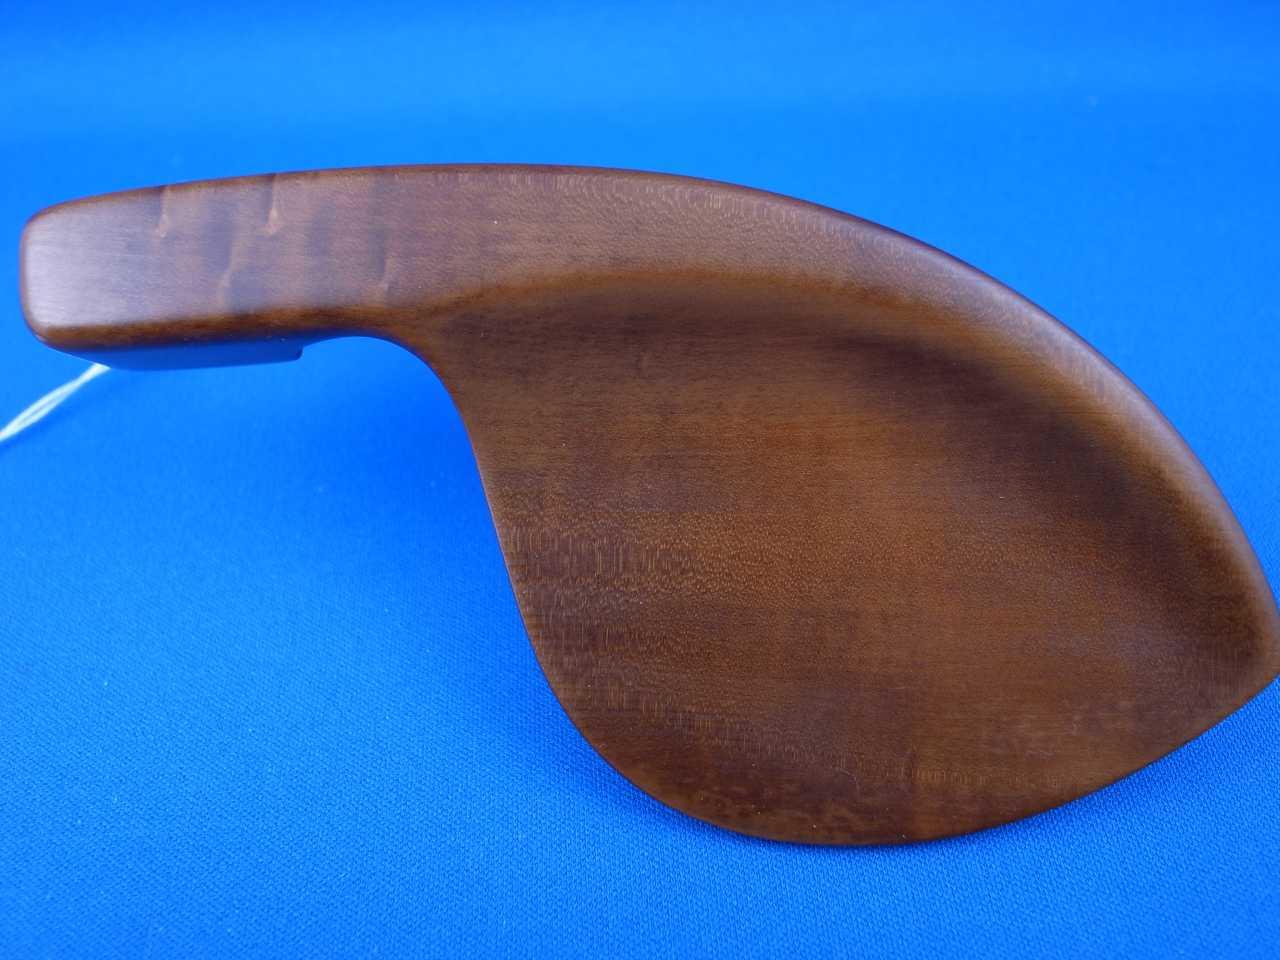 画像1: アレキサンダー・アクセサリーズ バイオリンアゴ当て ツゲ(Boxwood)材 ガルネリ・銀メッキ モデル Alexander Accessories Guarnerius Chinrest Nickel Silver